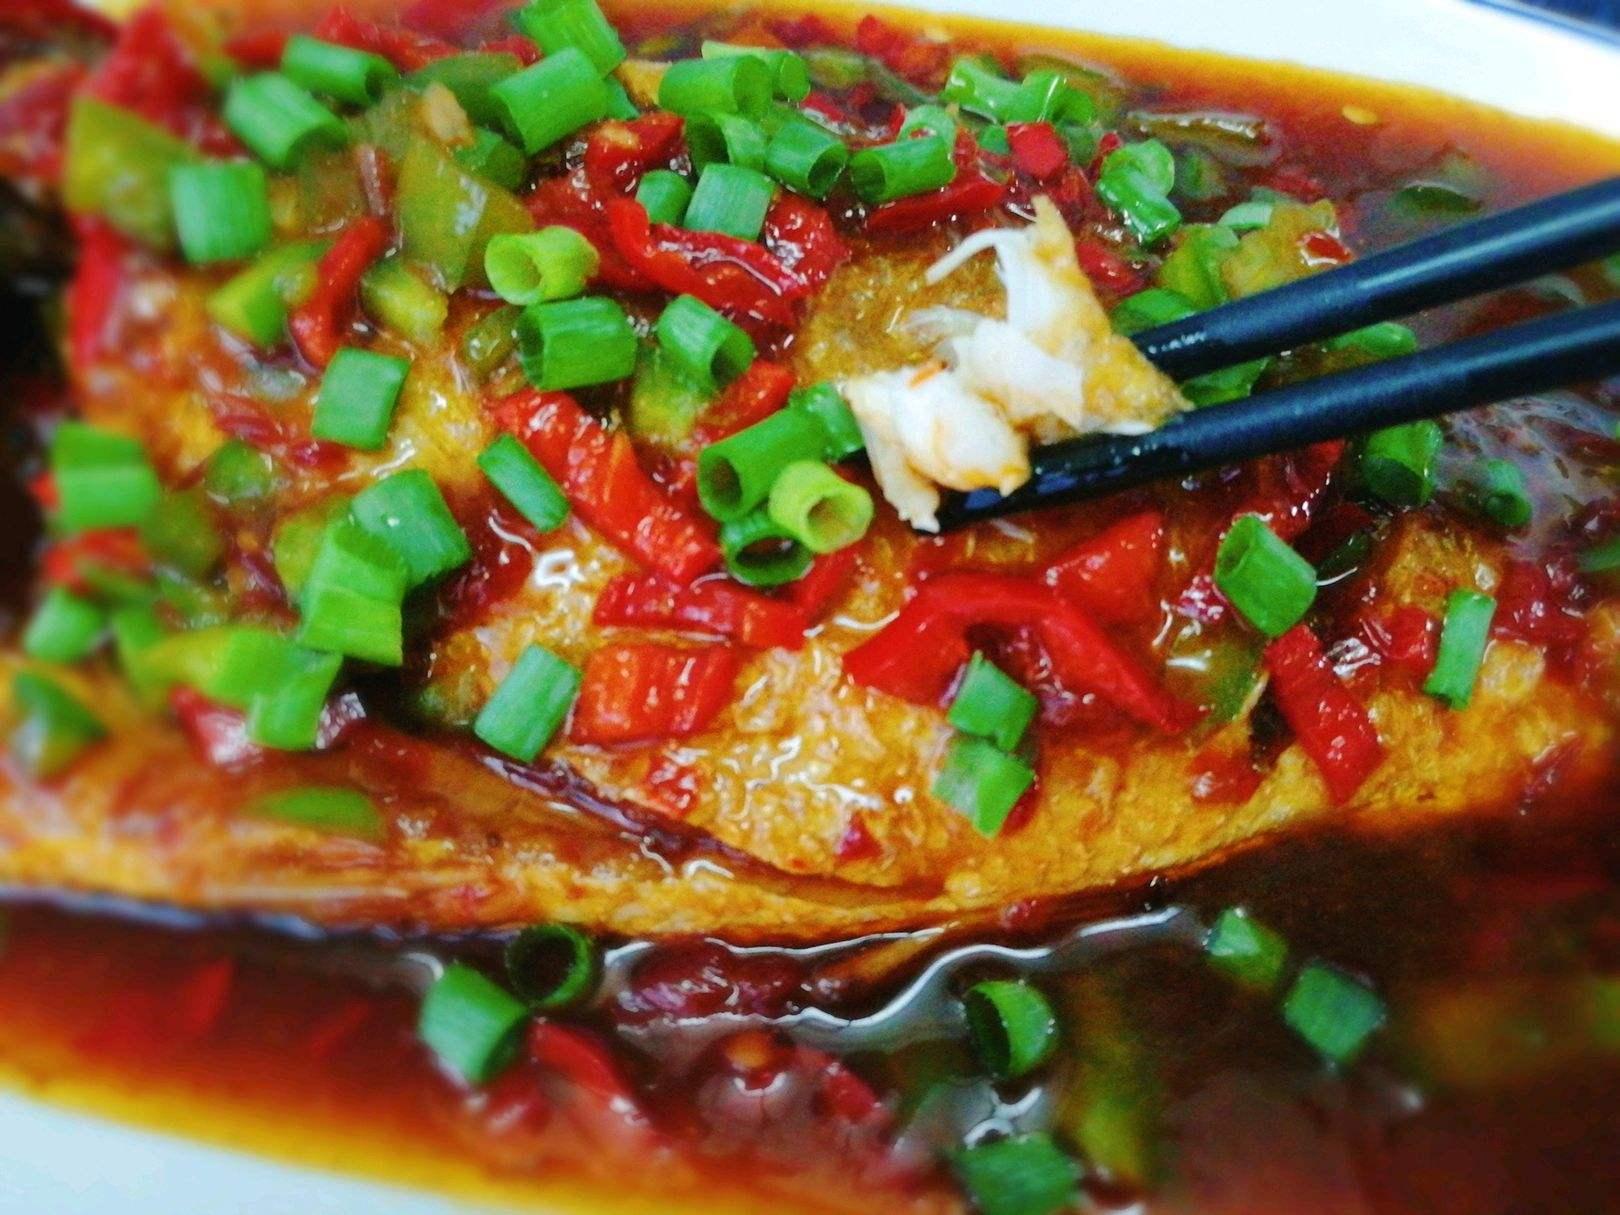 黄花鱼的做法家常做法_干炸小黄花鱼的做法  第1张